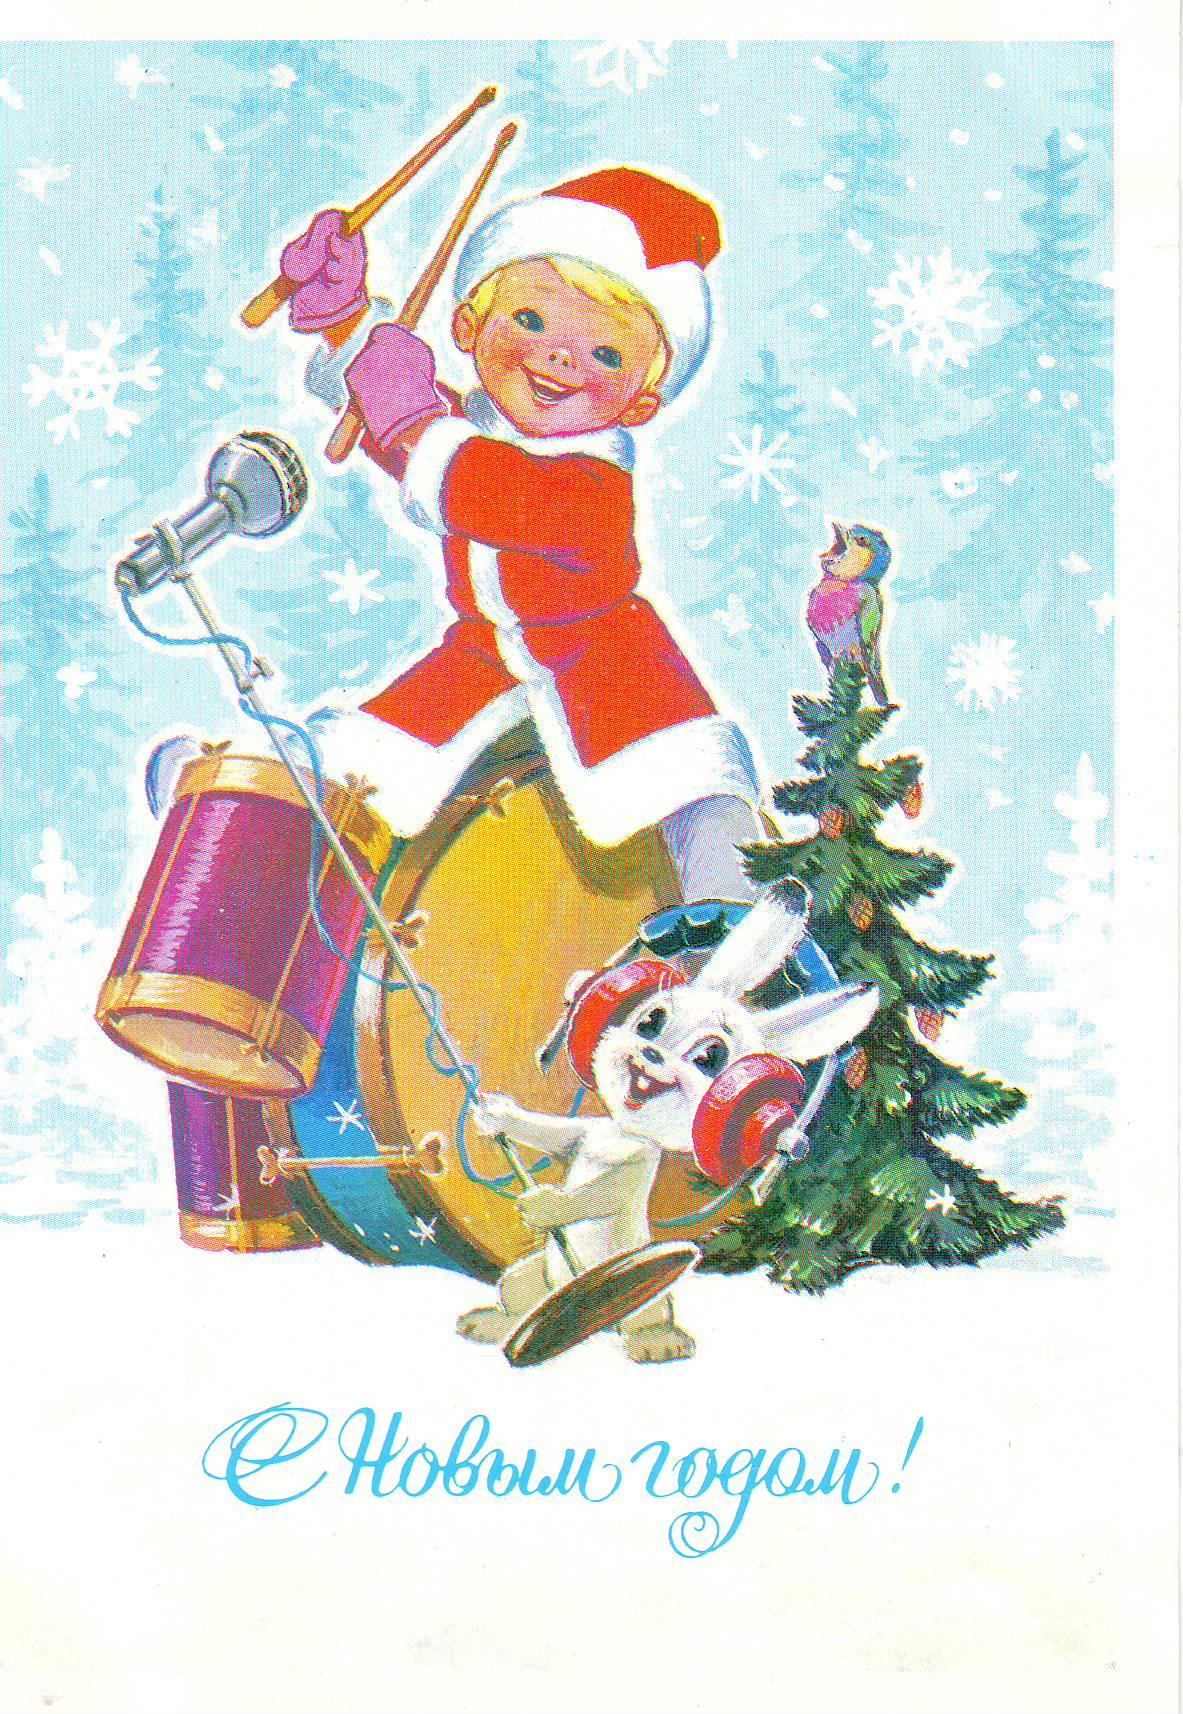 Новогодние открытки. Огромная новогодняя открытка, которая станет отличным поздравлением с Новым годом и поднимет всем настроение. Маленький мальчик надел костюм дедушки Мороза и жизнерадостно стучит в барабаны. Ему помогает весёлый зайчишка в модных красных наушниках, который держит микрофонную стойку. А разноцветная птичка-невеличка, сидя на украшенной ёлке, во всё горло подпевает им, стараясь заглушить шум барабанов.